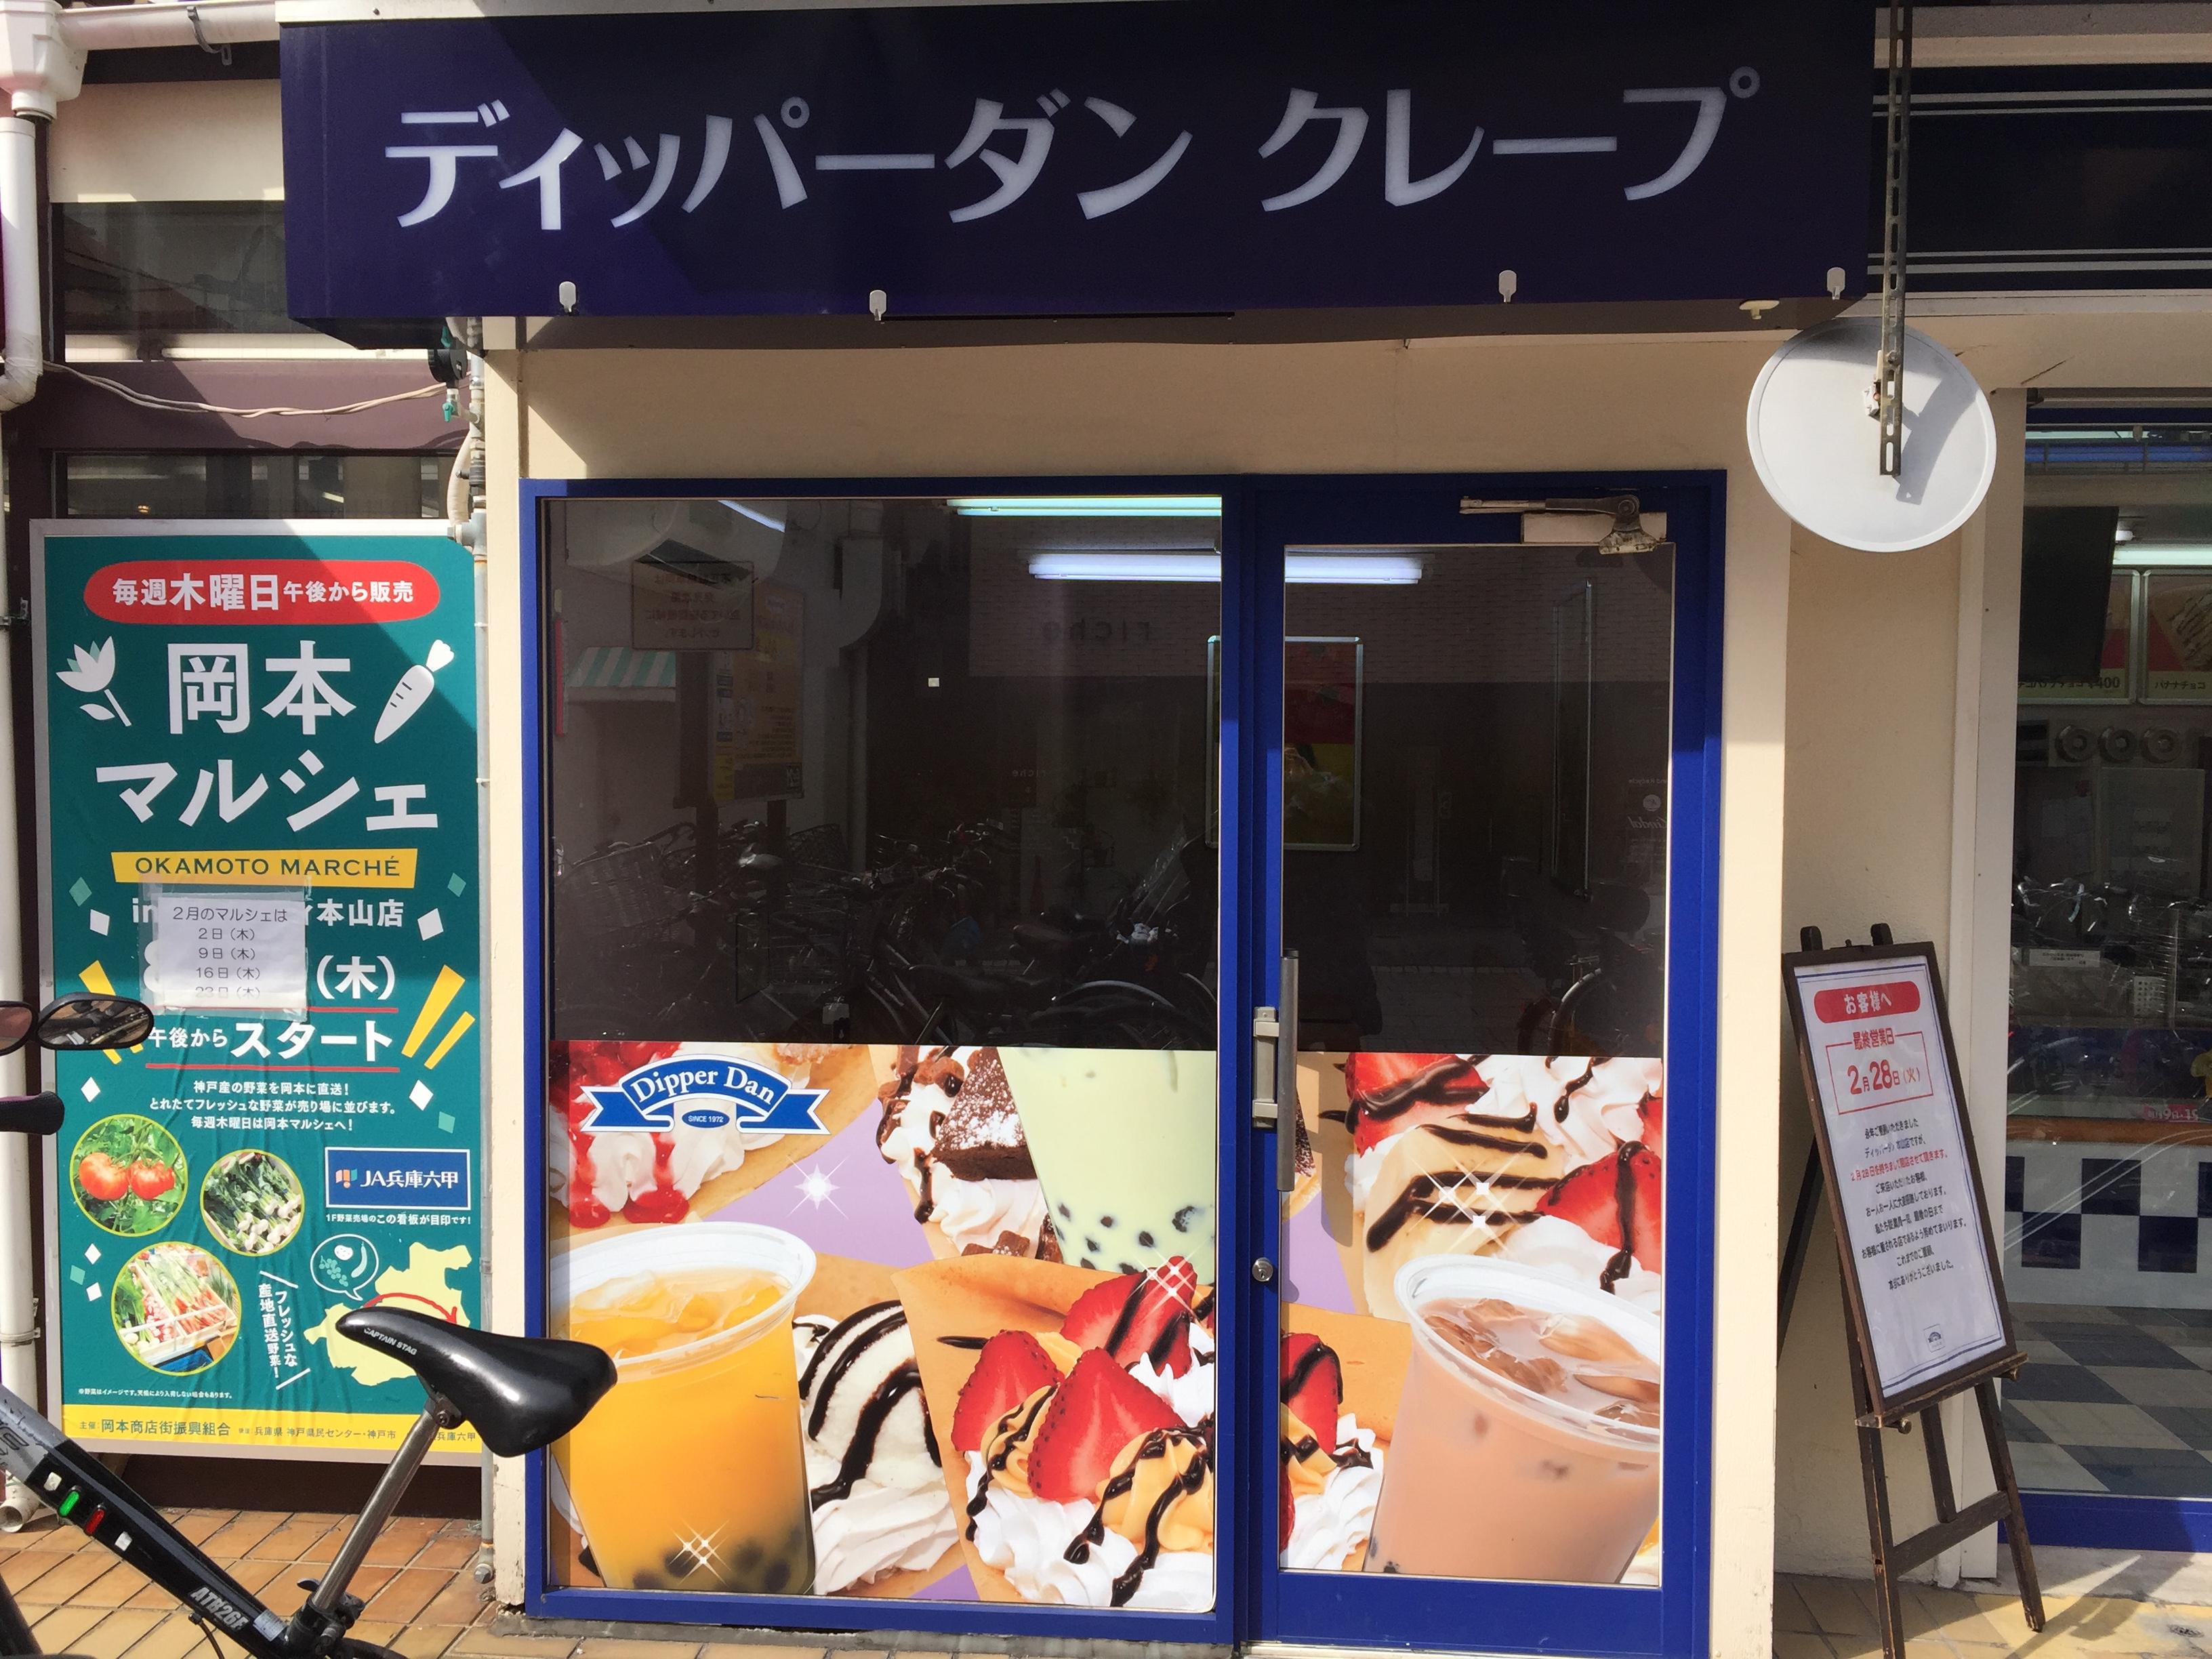 神戸・岡本の「ディッパーダンクレープ」が2/28(火)で閉店だよ【※閉店のお知らせ】